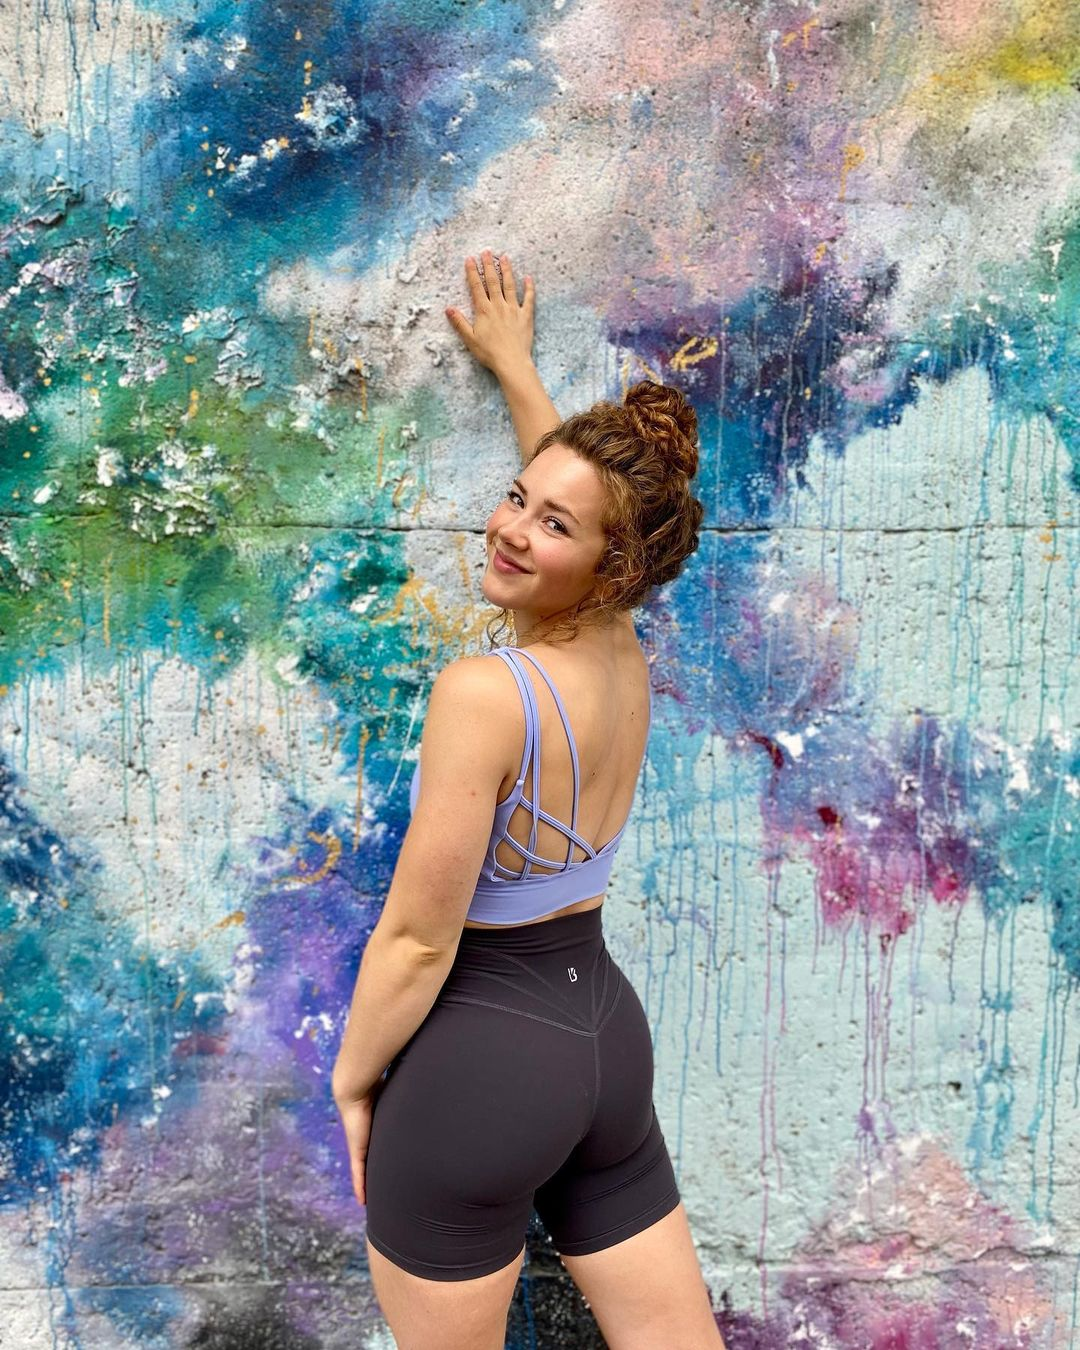 Alene-Kennedy-Wallpapers-Insta-Fit-Bio-8